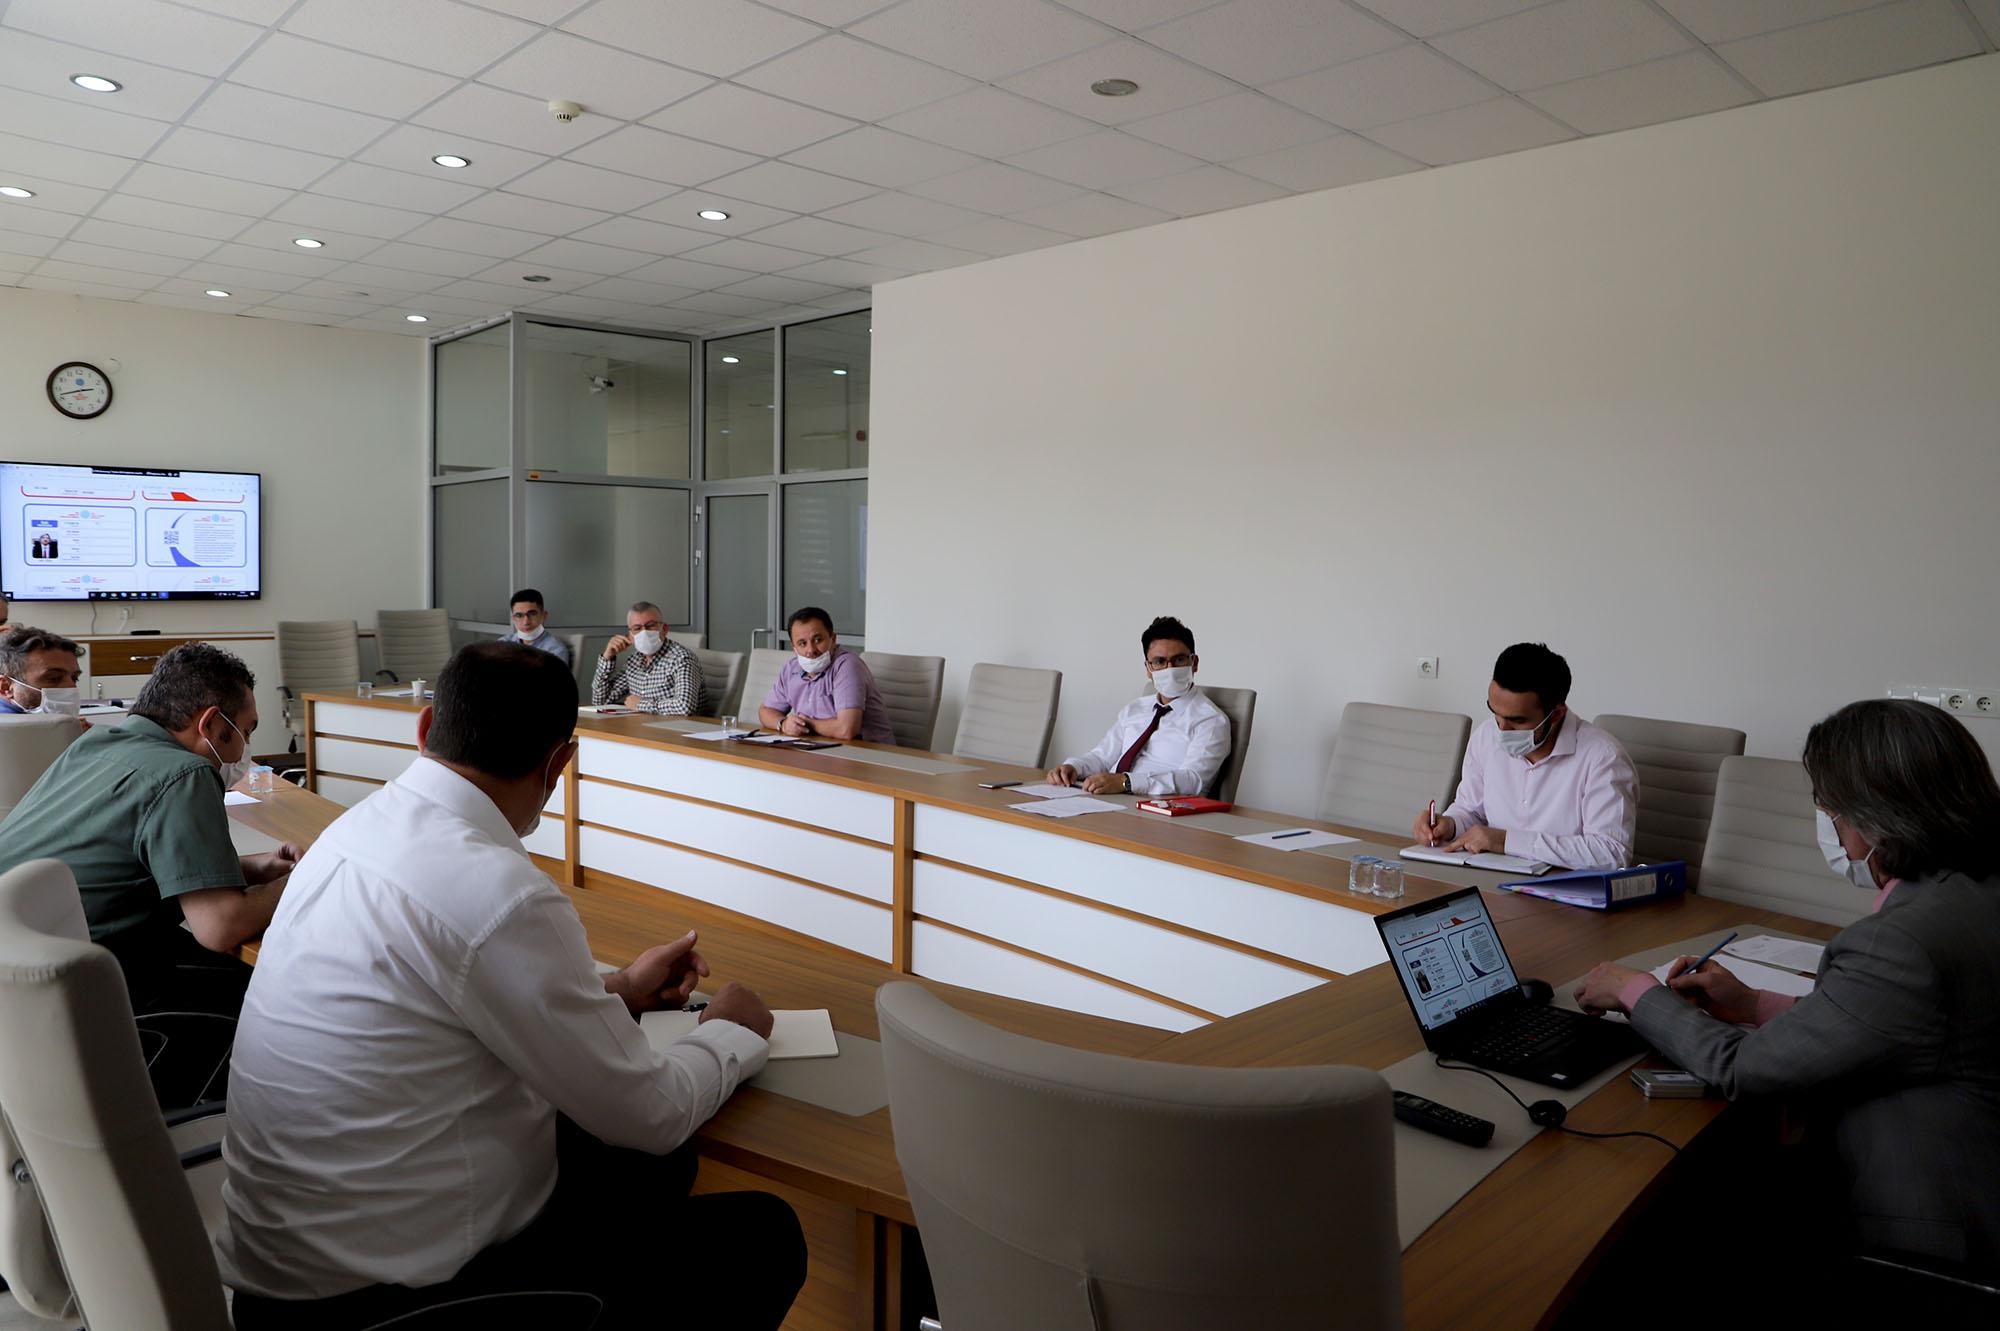 İdari Birim Amirleri, İstişare Toplantısında Bir Araya Geldi